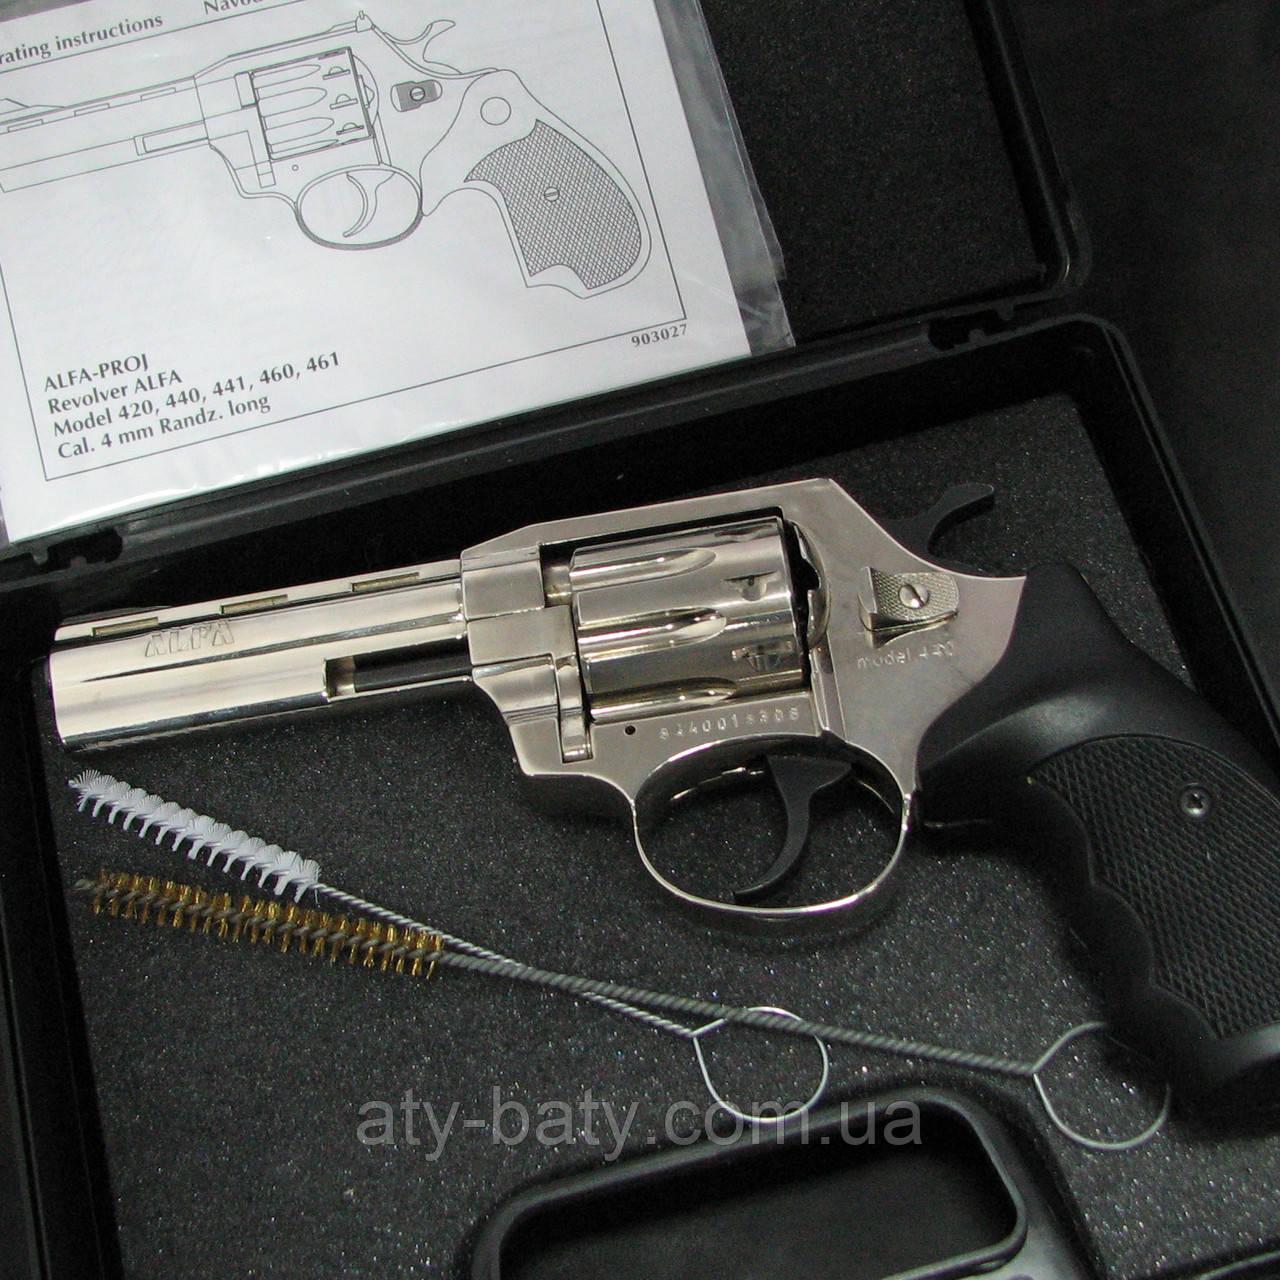 Револьвер флобера ALFA 440 никель/пластик Б/У